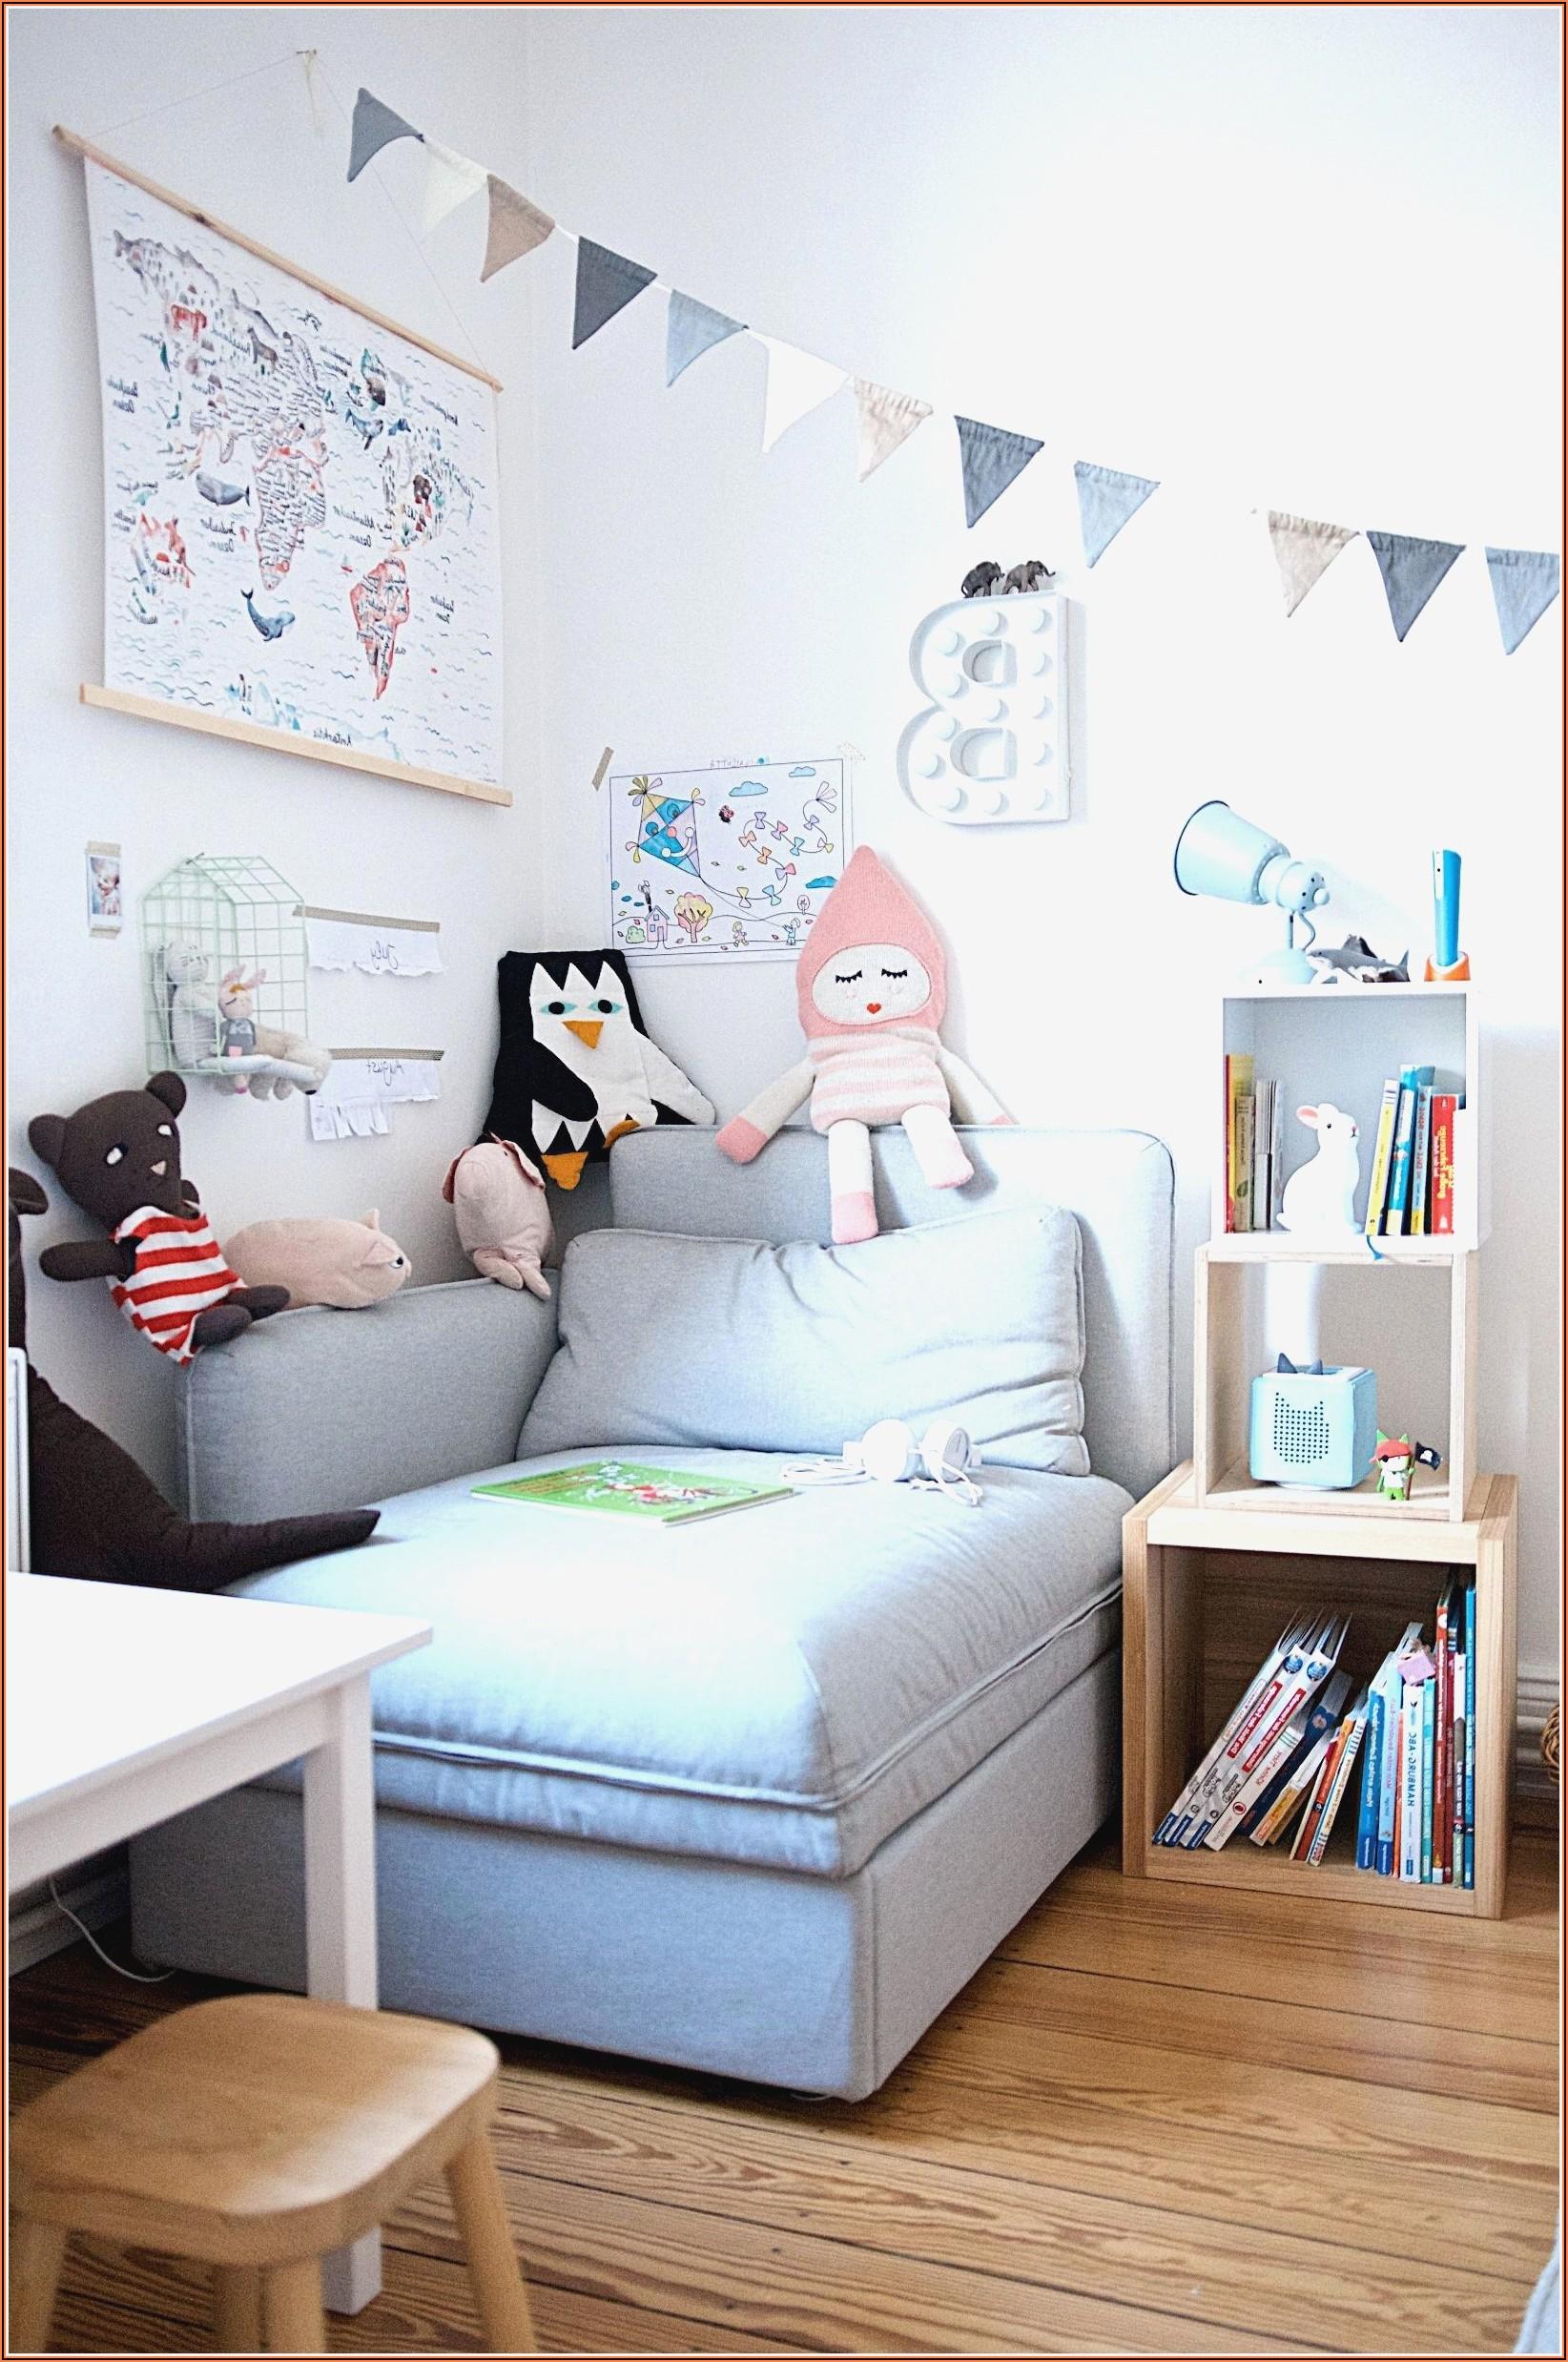 Kinderzimmer Deko Junge 2 Jahre Kinderzimme House und